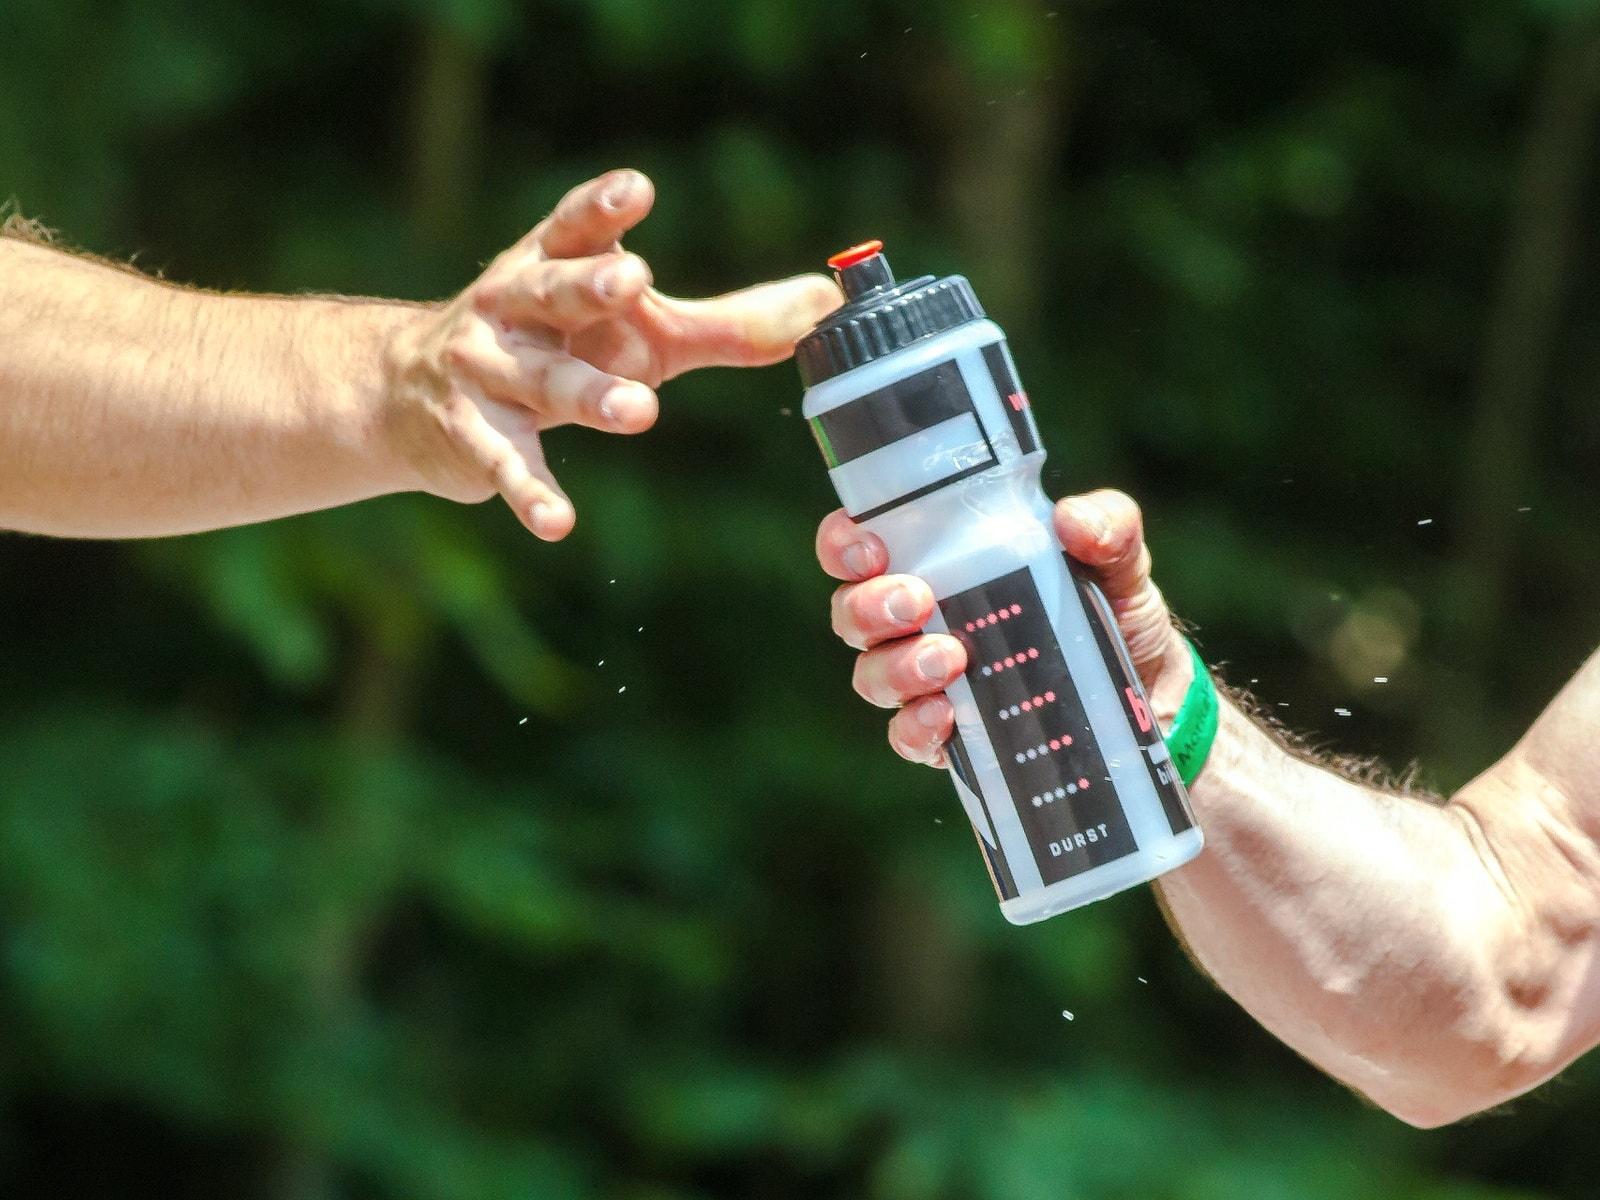 как заставить себя пить воду если не хочется